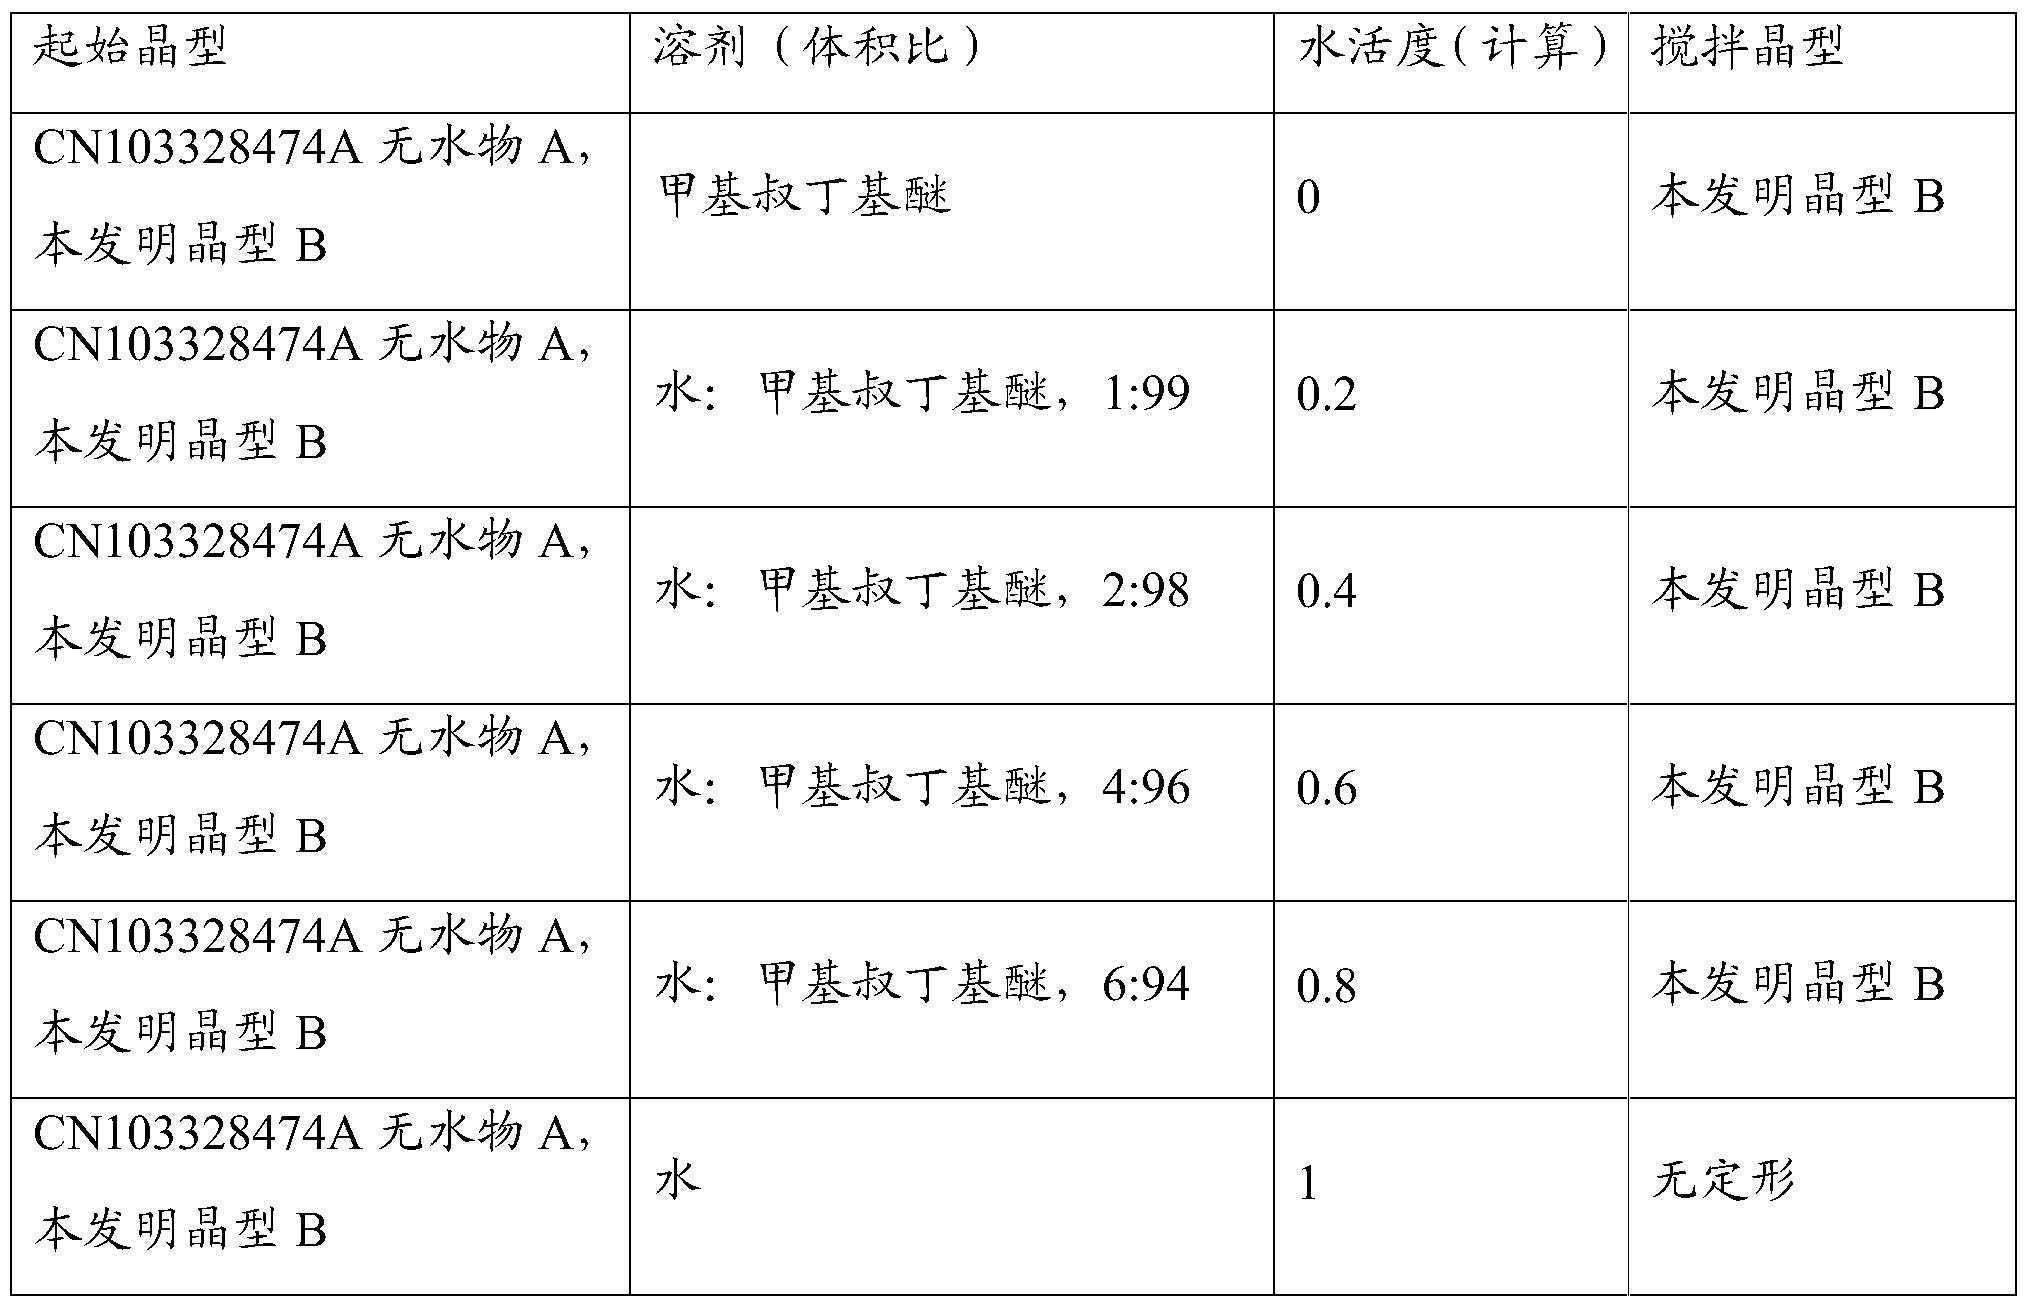 Figure PCTCN2016102022-appb-000014